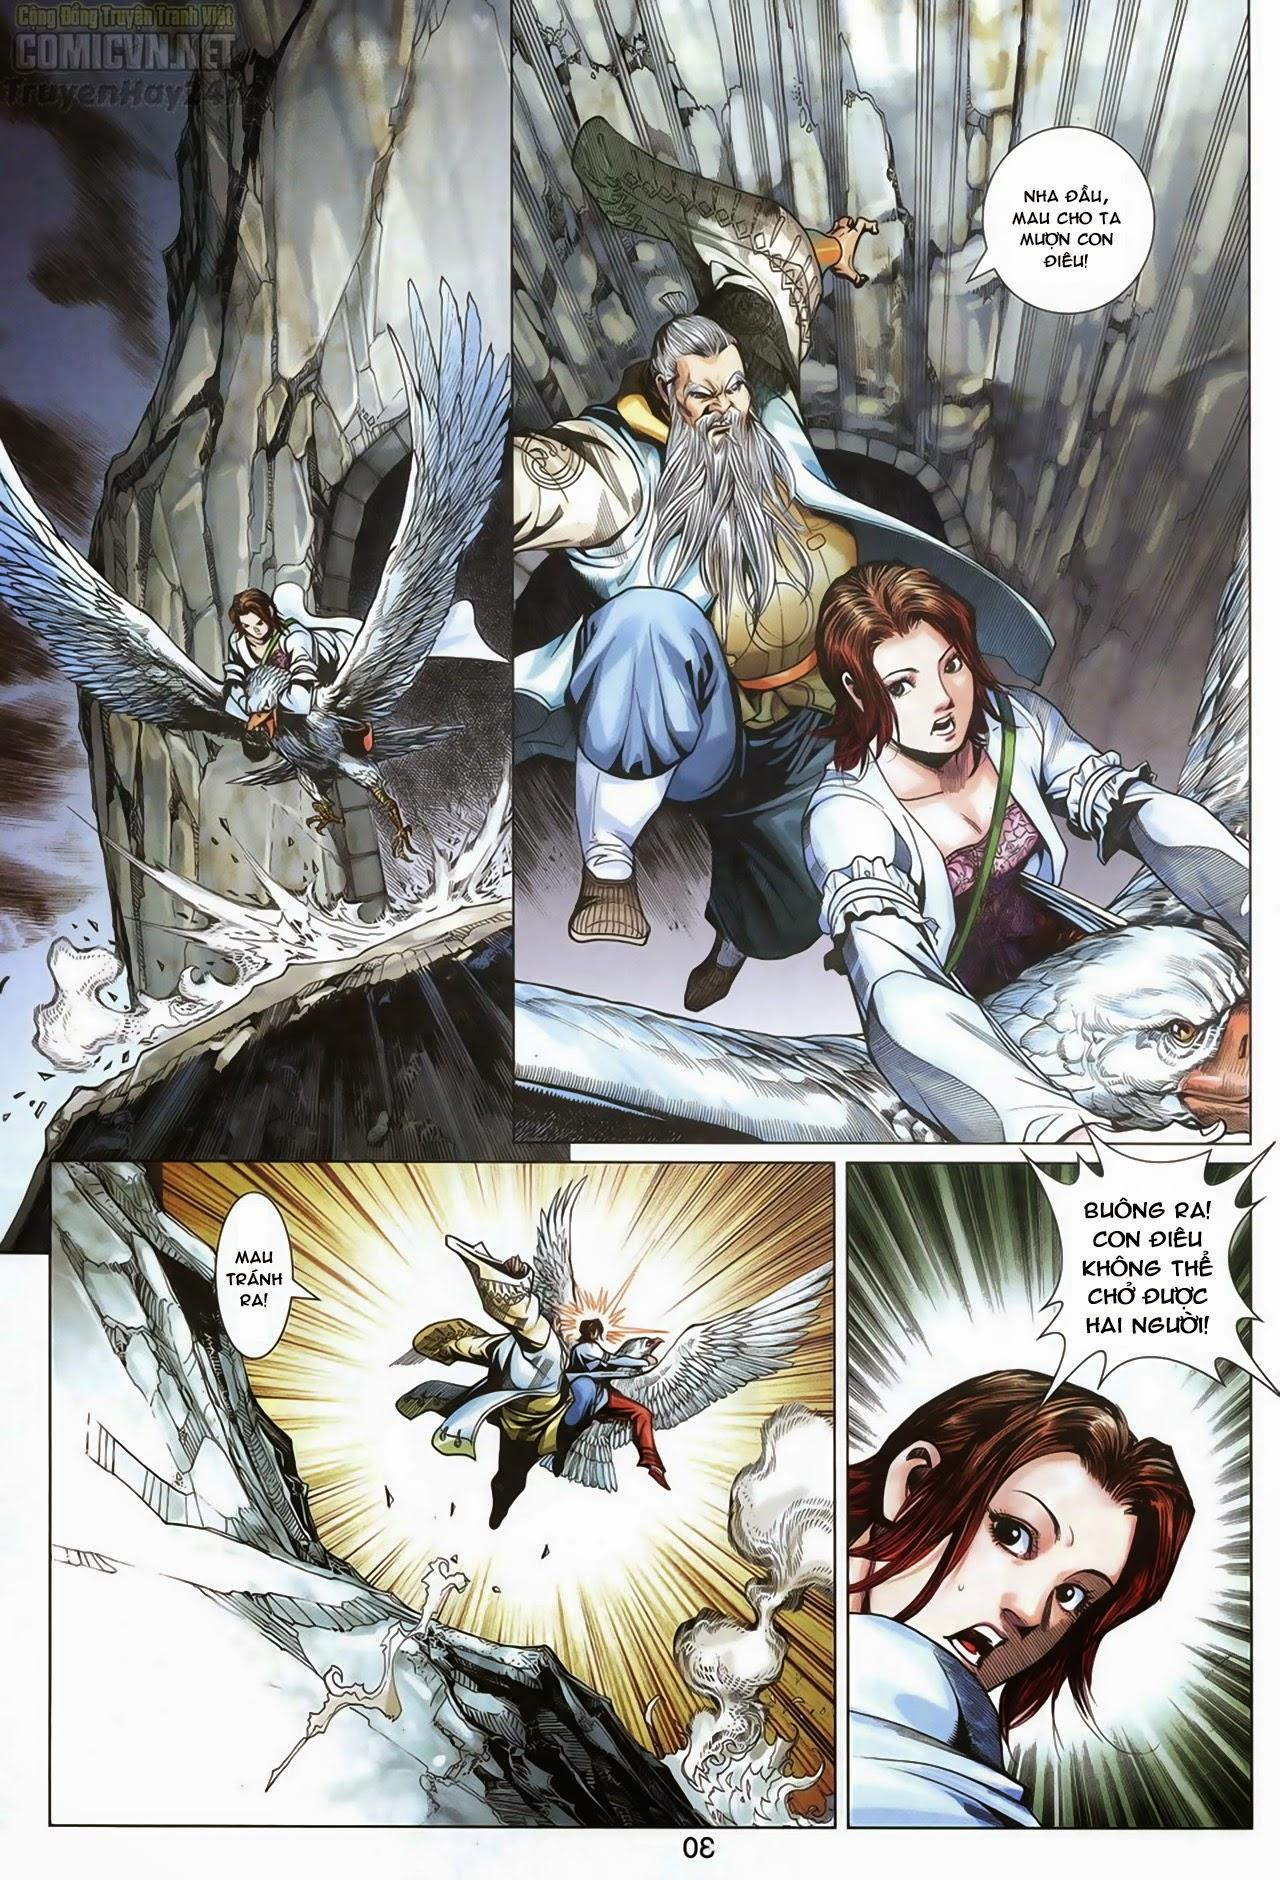 Anh Hùng Xạ Điêu anh hùng xạ đêu chap 69: hồn đoạn thiết chưởng phong trang 31